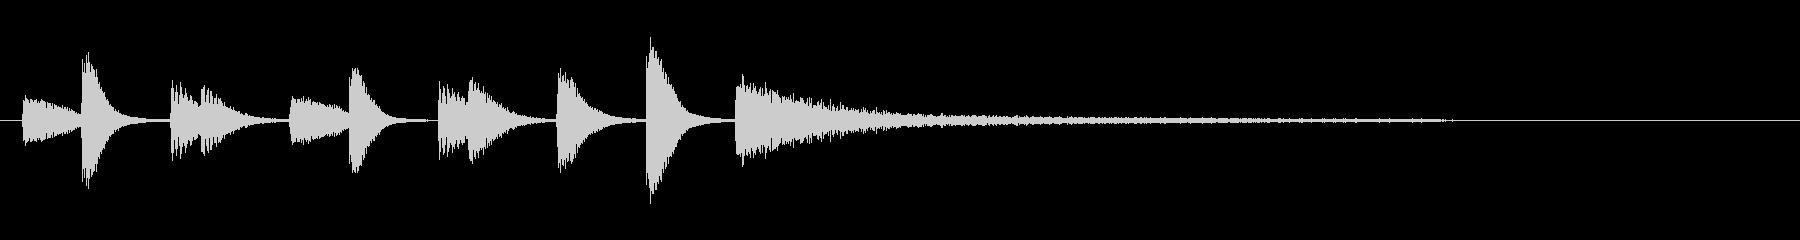 モダンなピアノコードによるジングルの未再生の波形